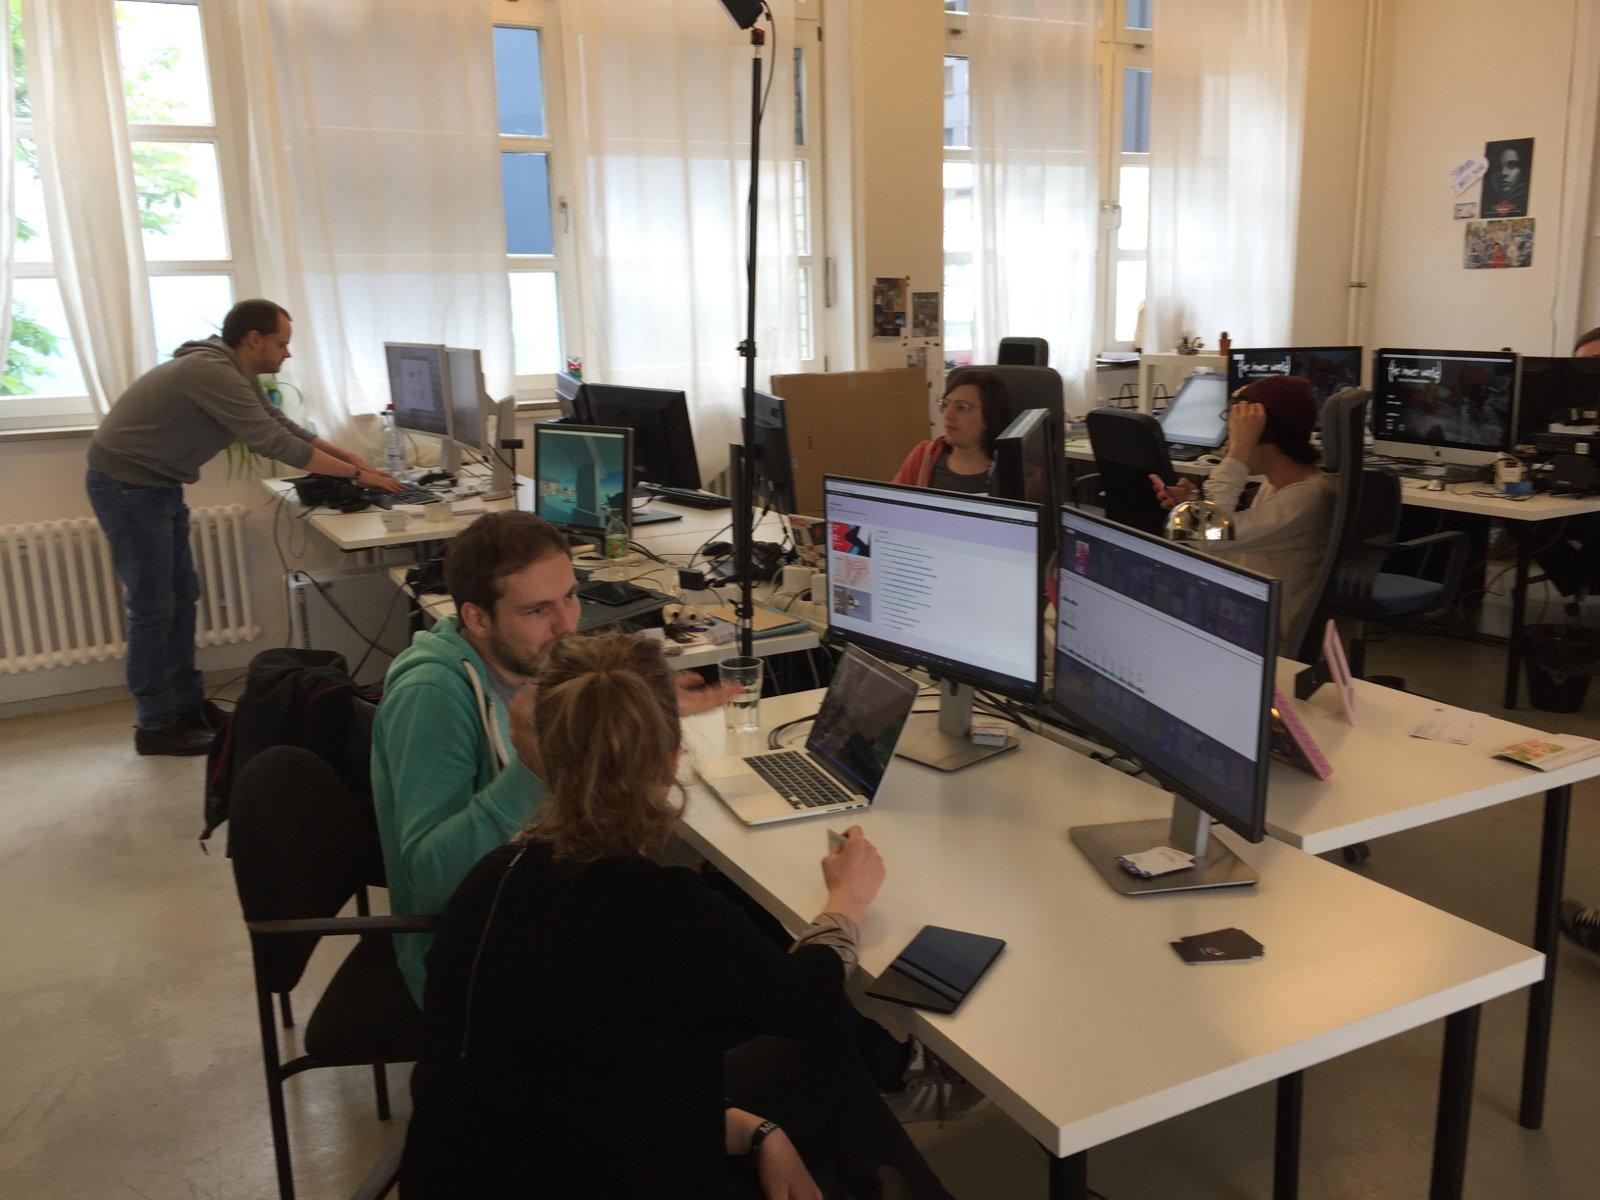 Der Saftladen - das Indie Kollektiv in dem TTDOT seit Januar entwickelt wird. (Bild: Jörg Friedrich)